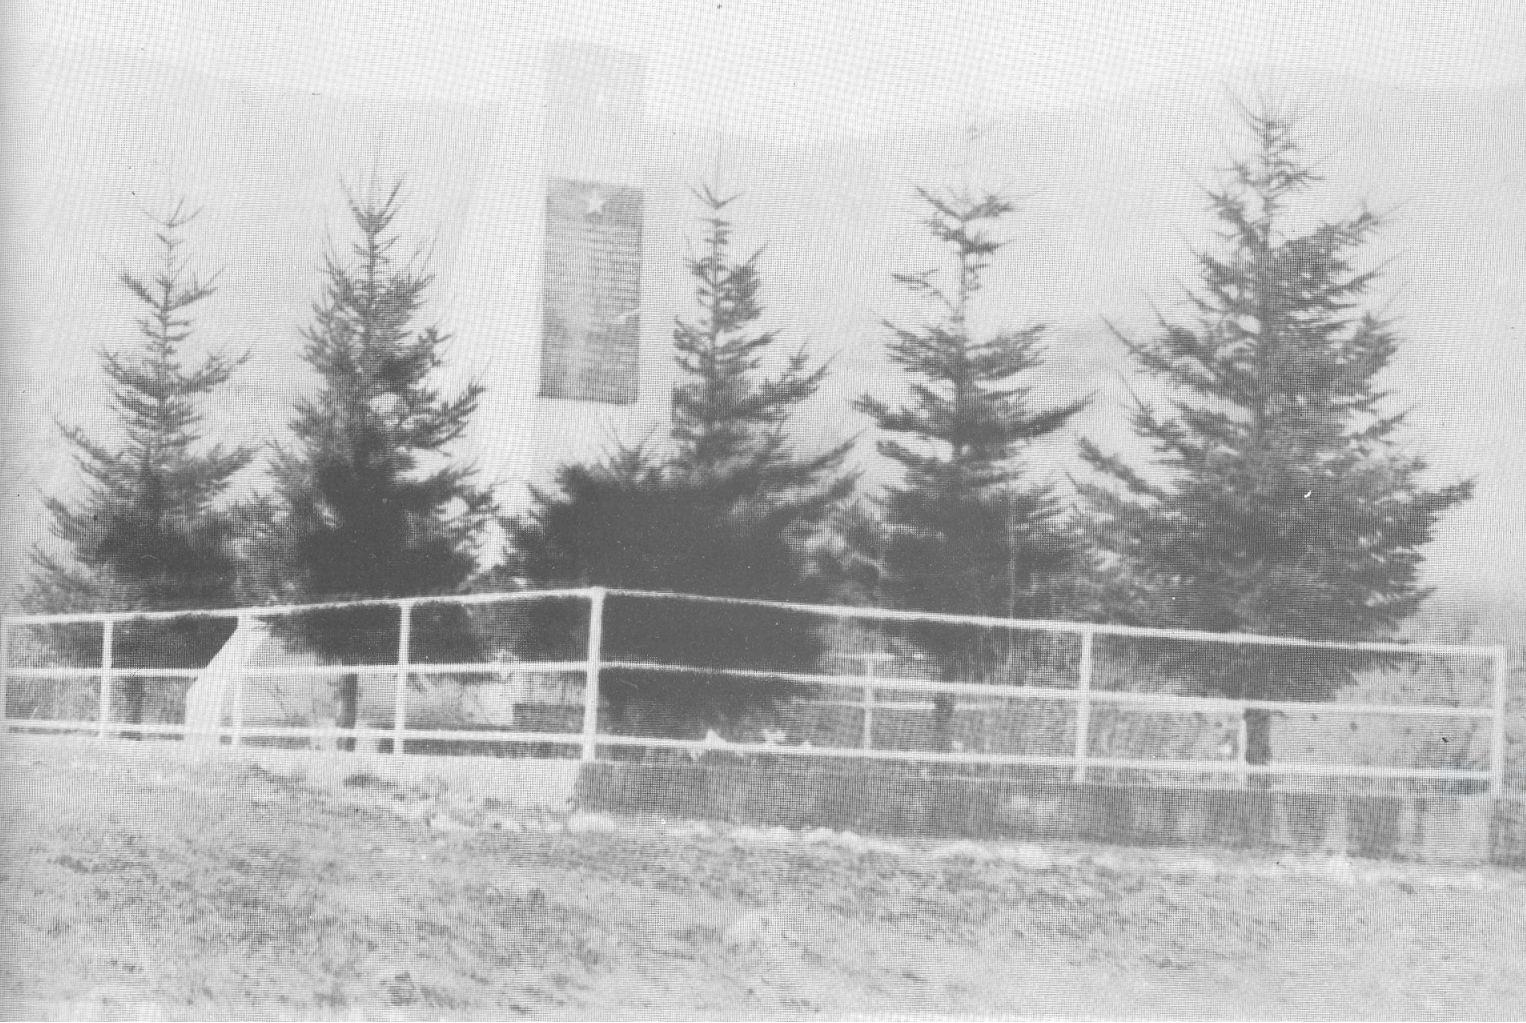 Nekadašnje spomen-obilježje pobijenim stanovnicima sela Meljinovac na lokalitetu Delić jama (izvor: Znaci.net).